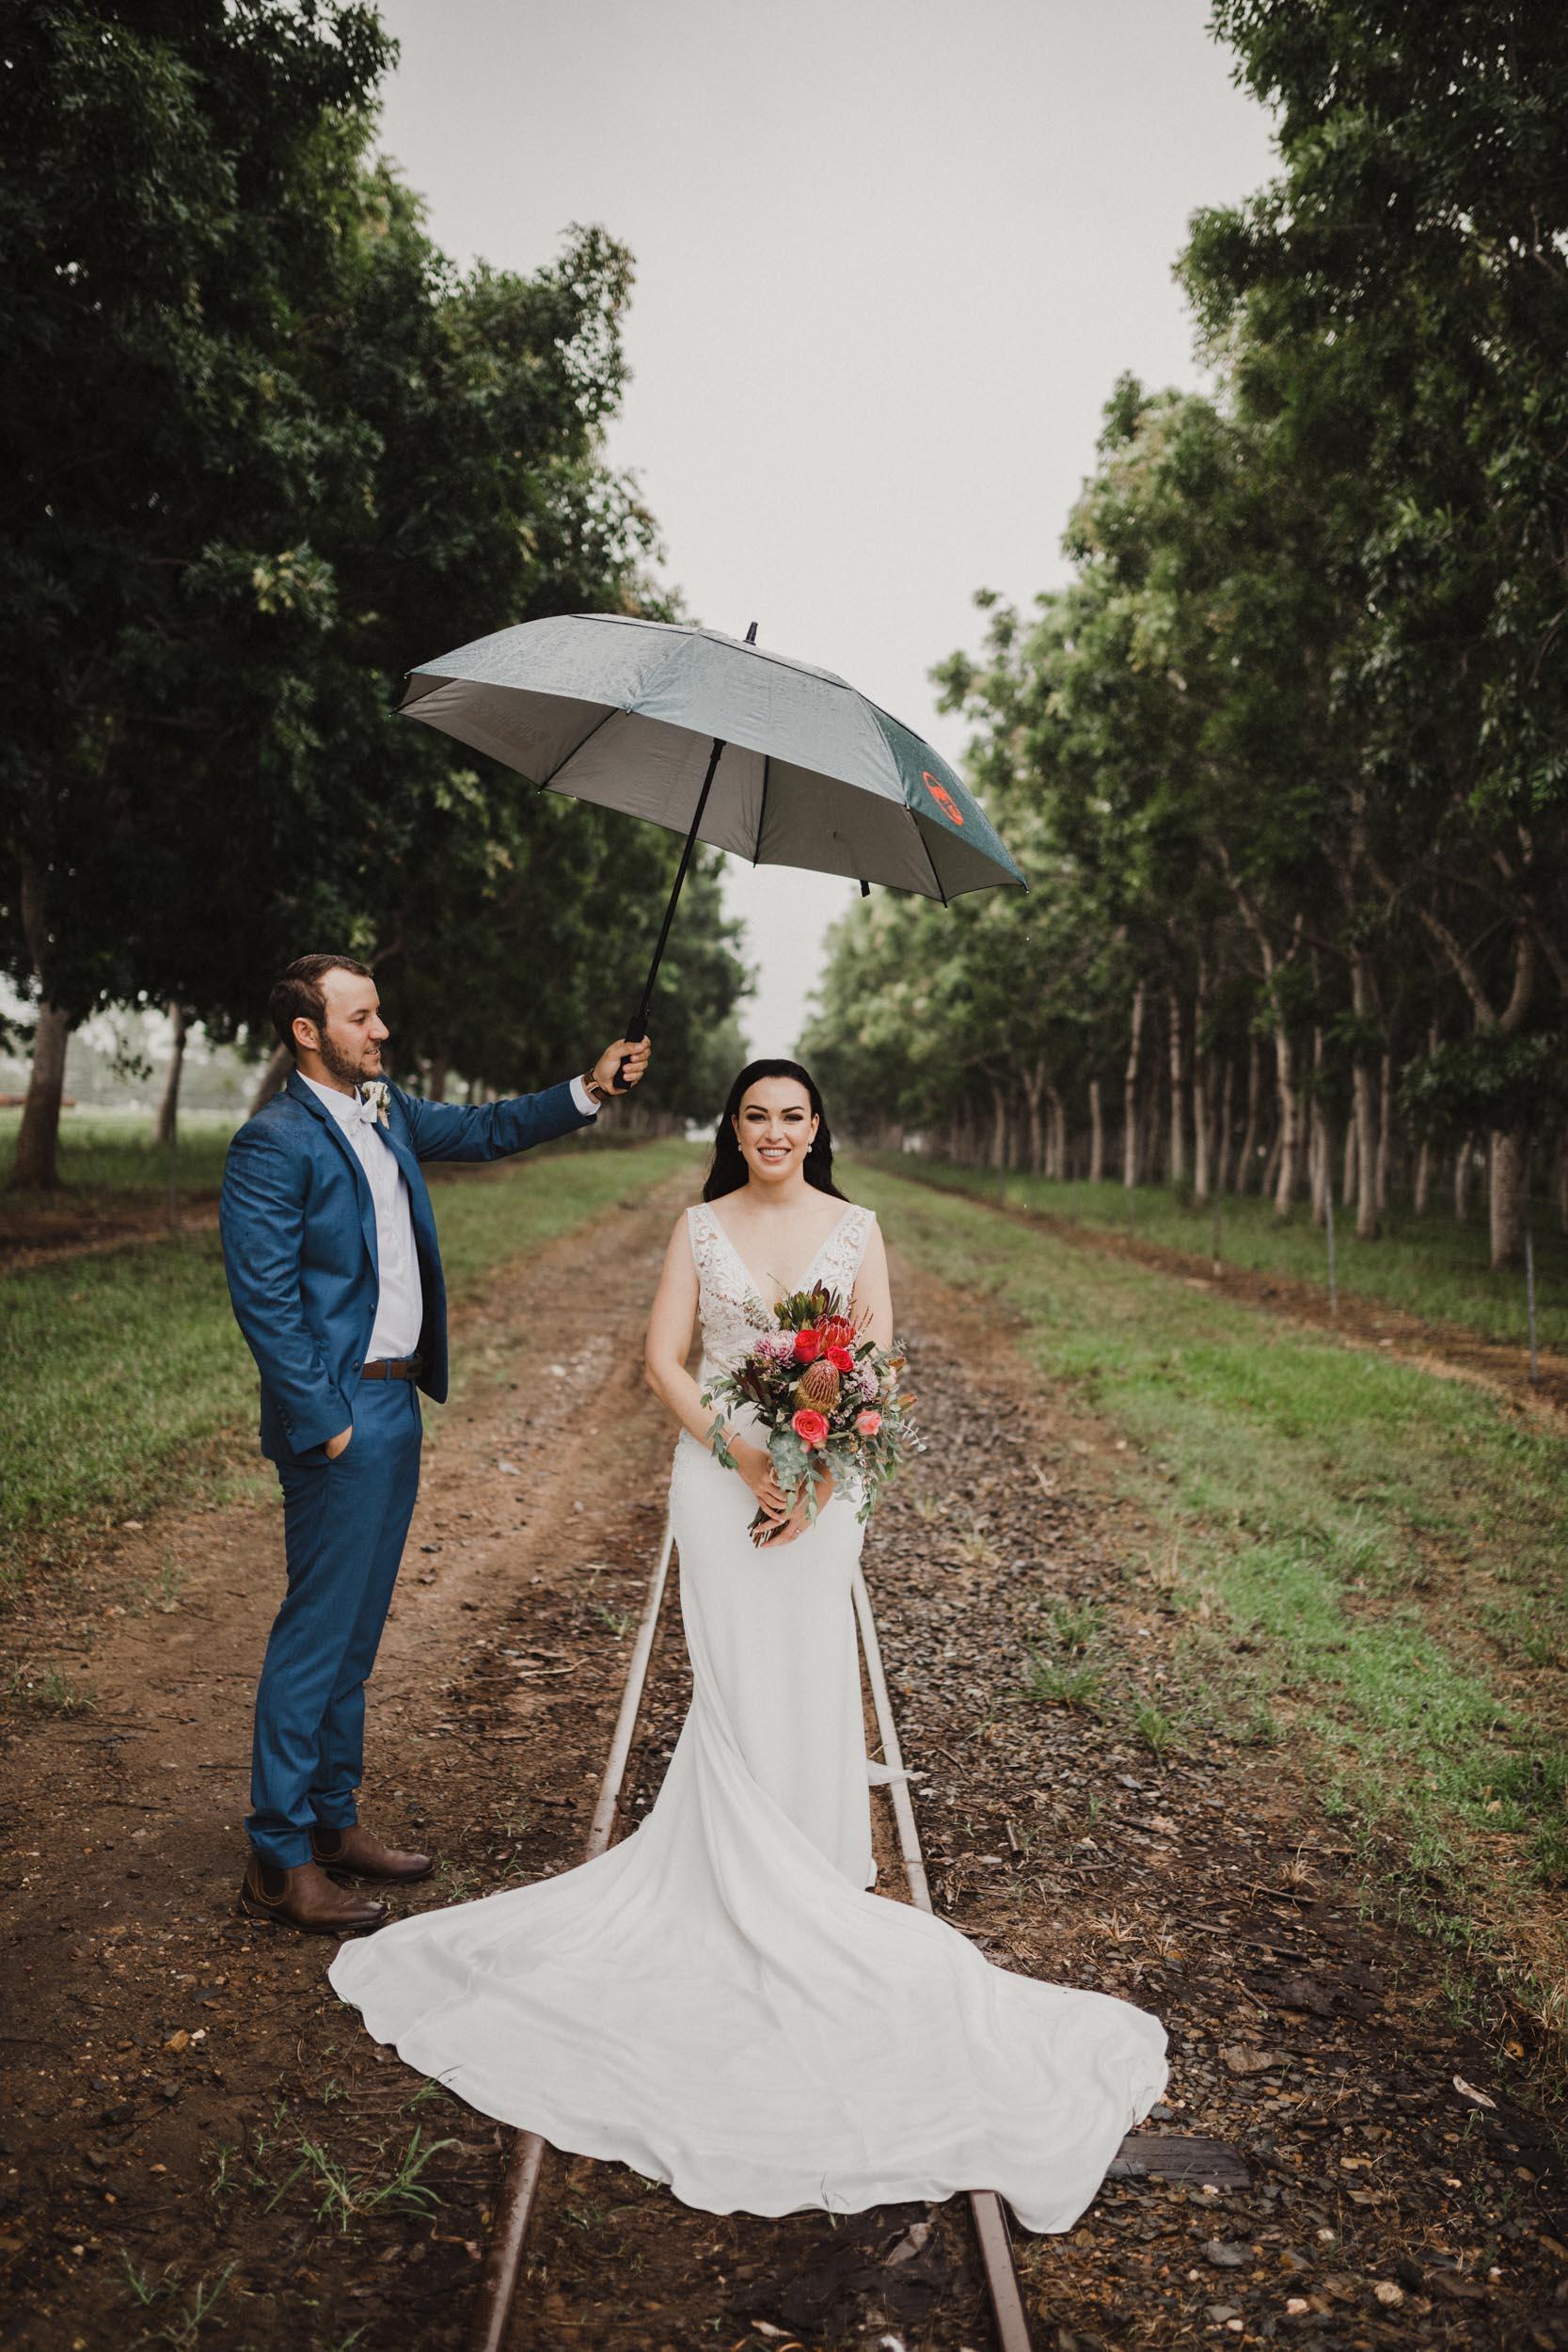 The Raw Photographer - Port Douglas Wedding Photographer - St Mary Church - Cairns Beach Photos-50.jpg